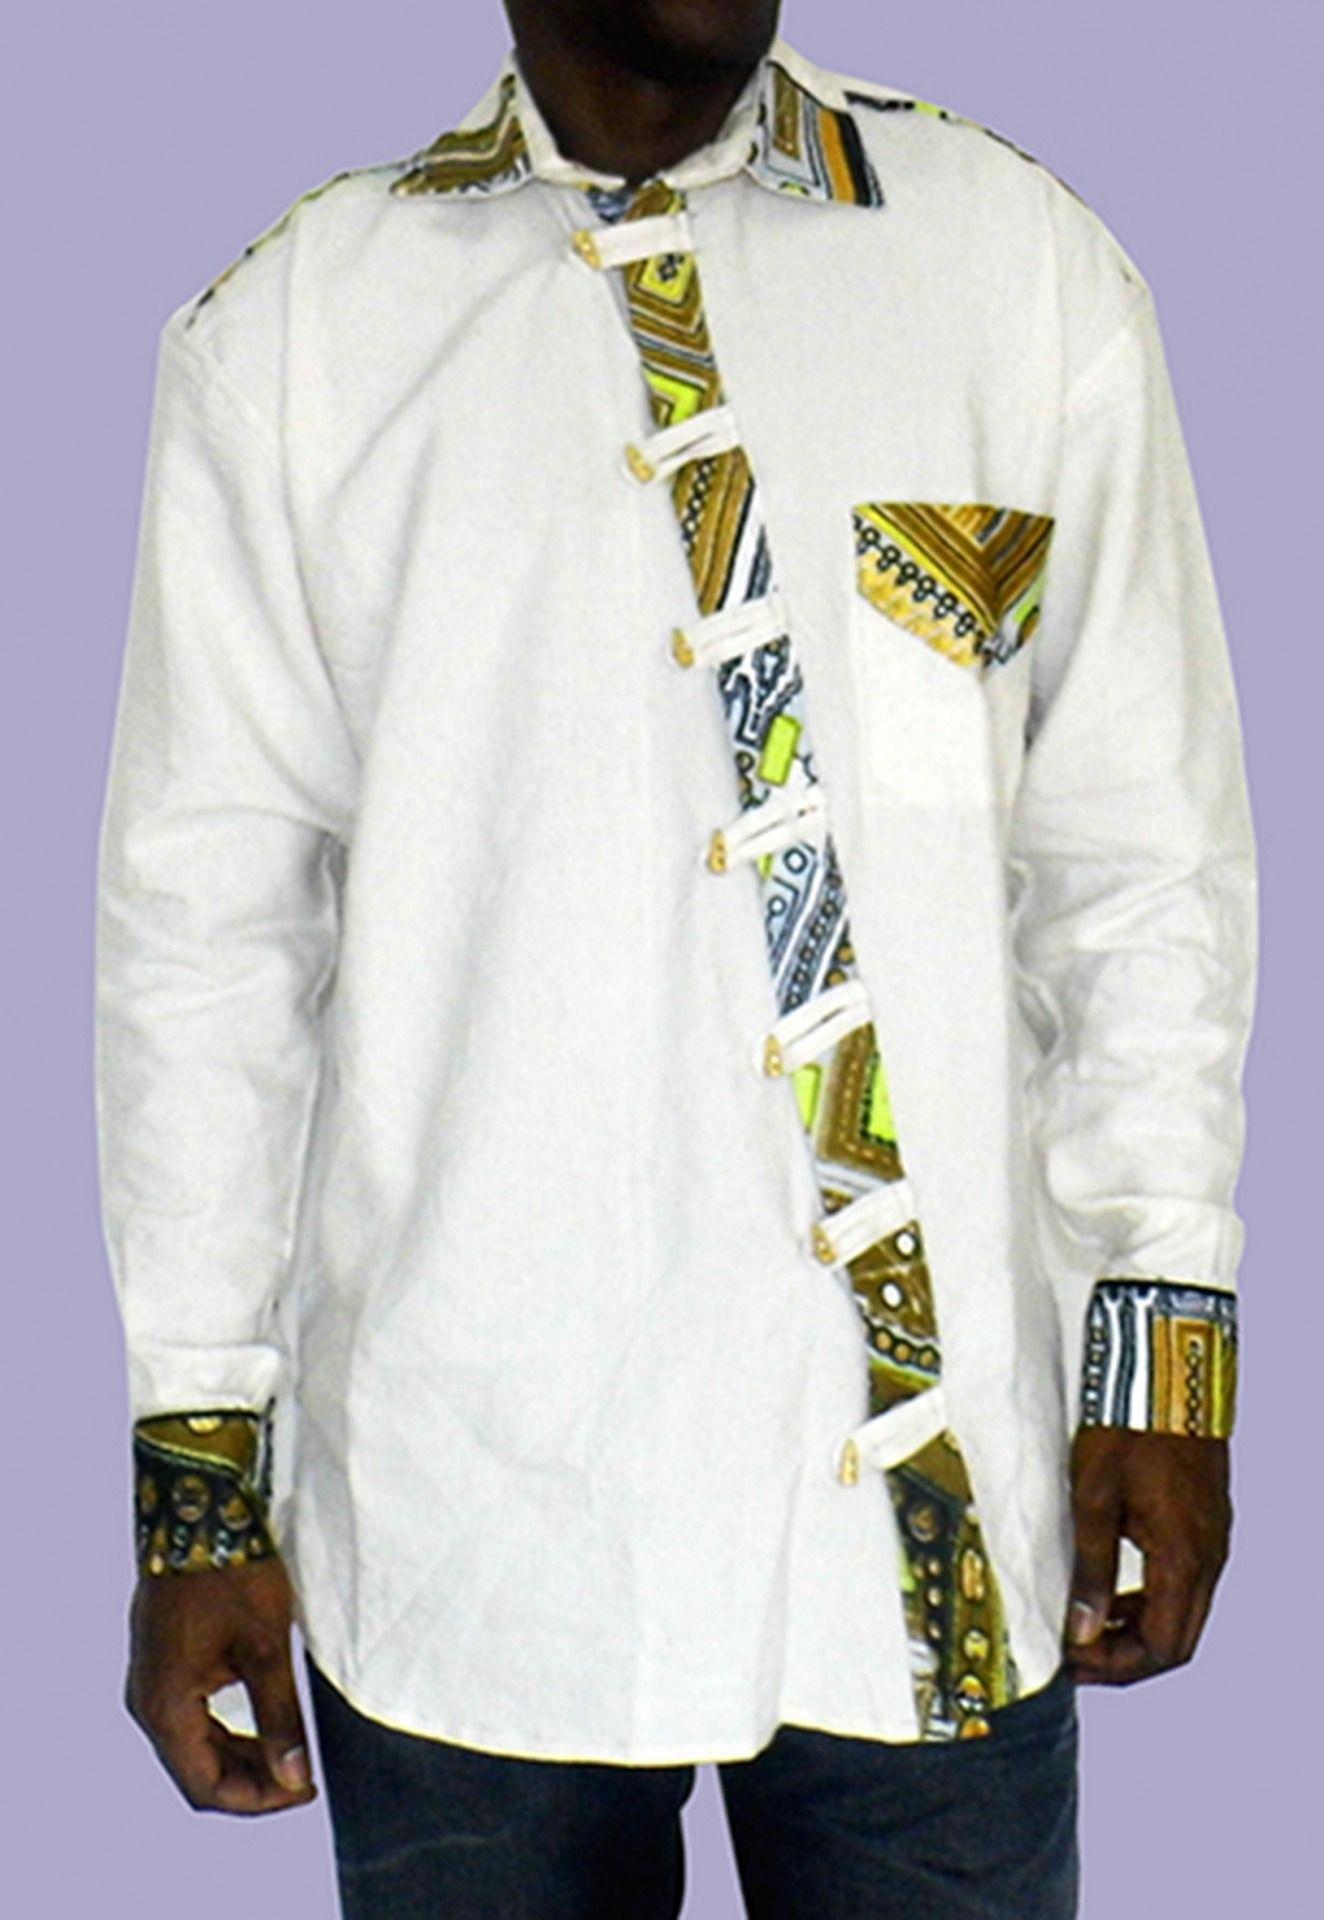 chemise homme en lin blanc et en tissu pagne africain tissu pagne pagne africain et chemise homme. Black Bedroom Furniture Sets. Home Design Ideas